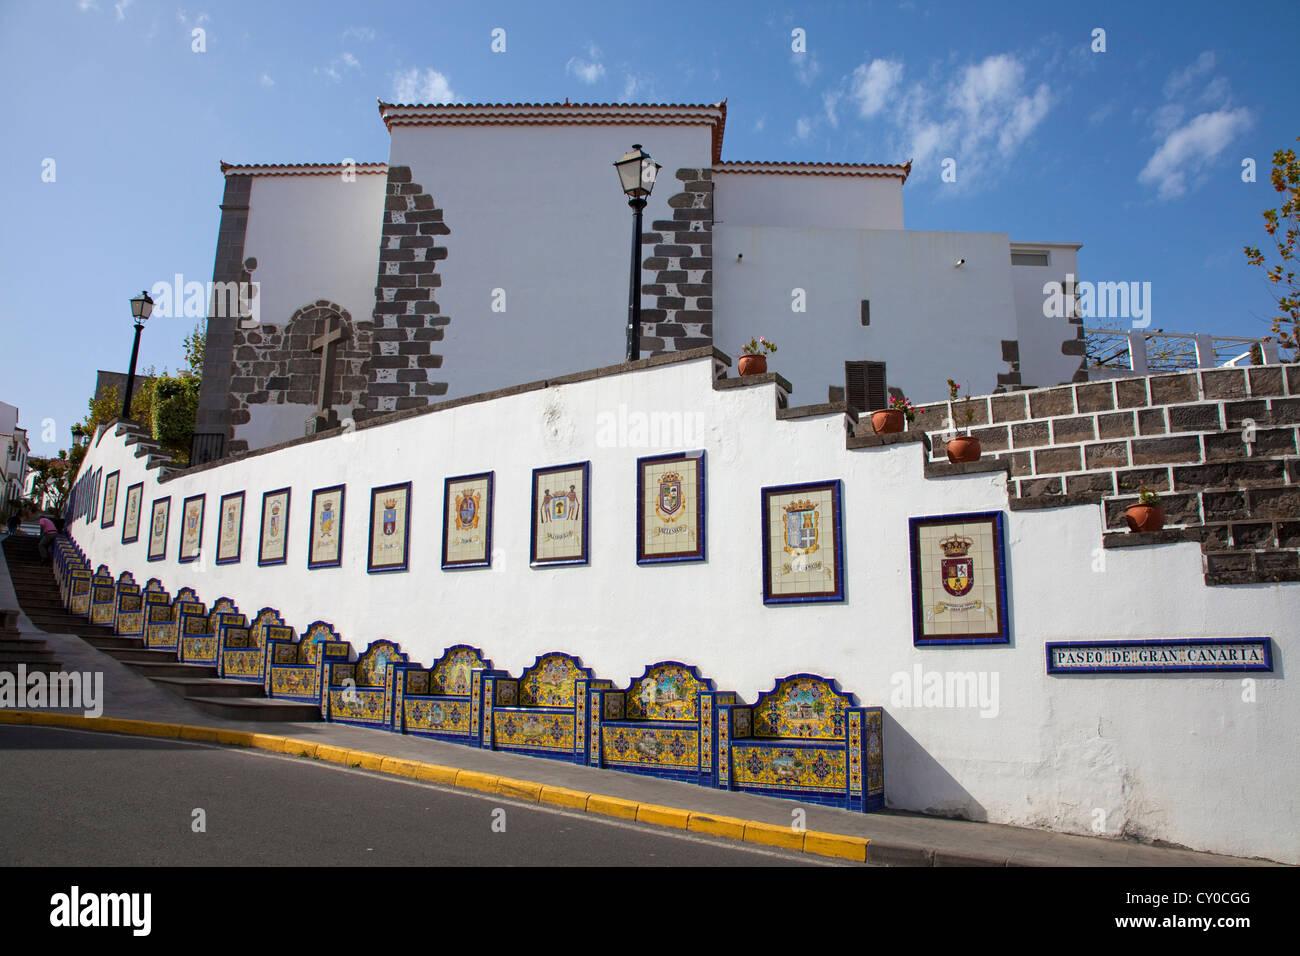 Strandpromenade Paseo de Canarias mit Bildern auf Fliesen, die 21 Gemeinden jeweils ein Bild auf Fliesen mit dem Stockbild